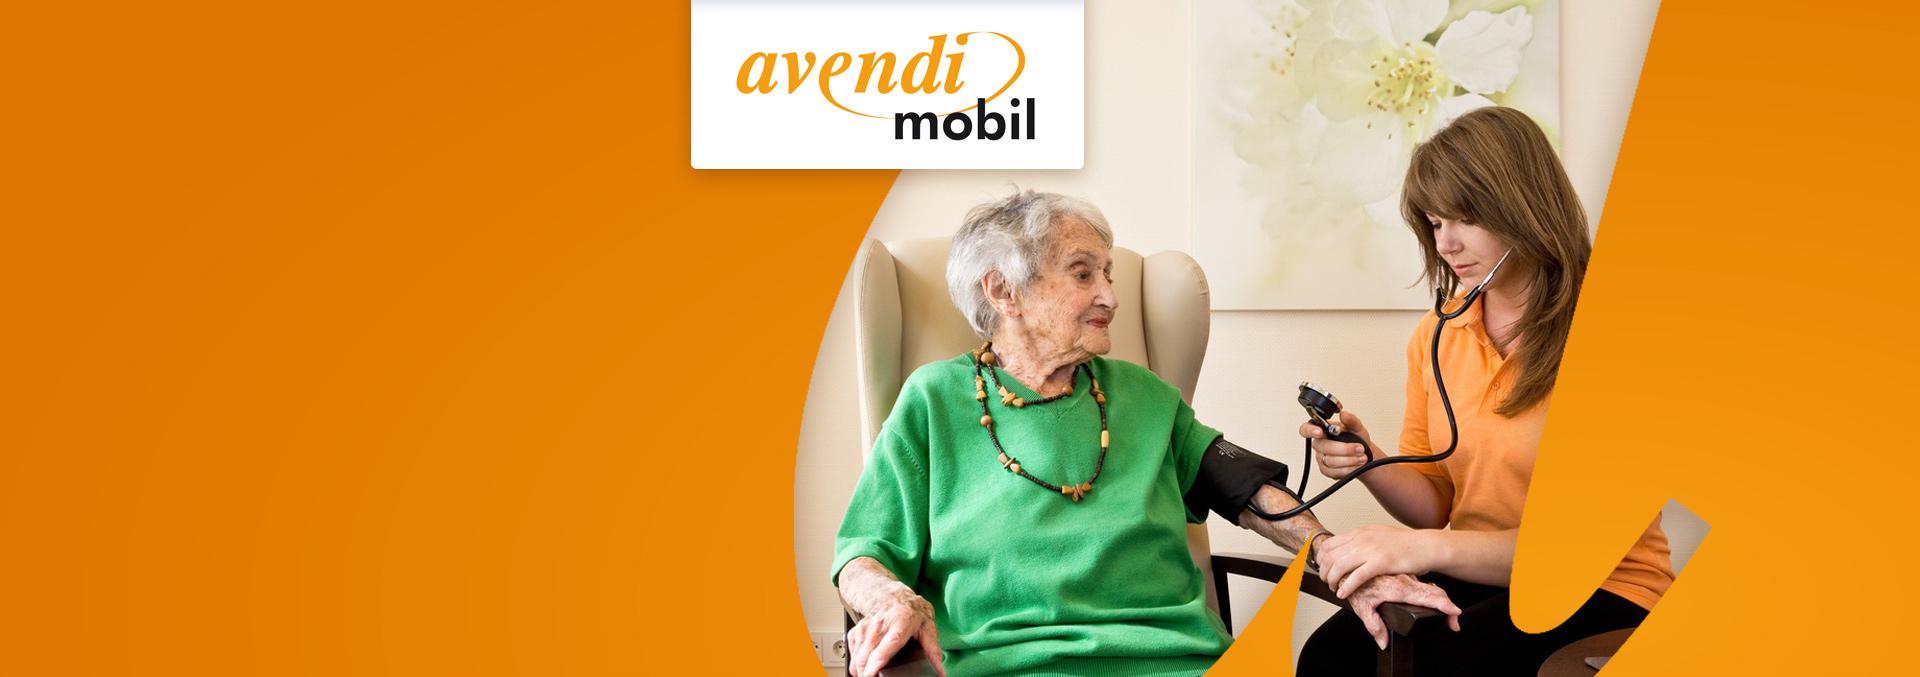 Service des ambulanten Pflegedienstes avendi mobil Mannheim: Eine junge Mitarbeiterin misst einer älteren Dame den Blutdruck.